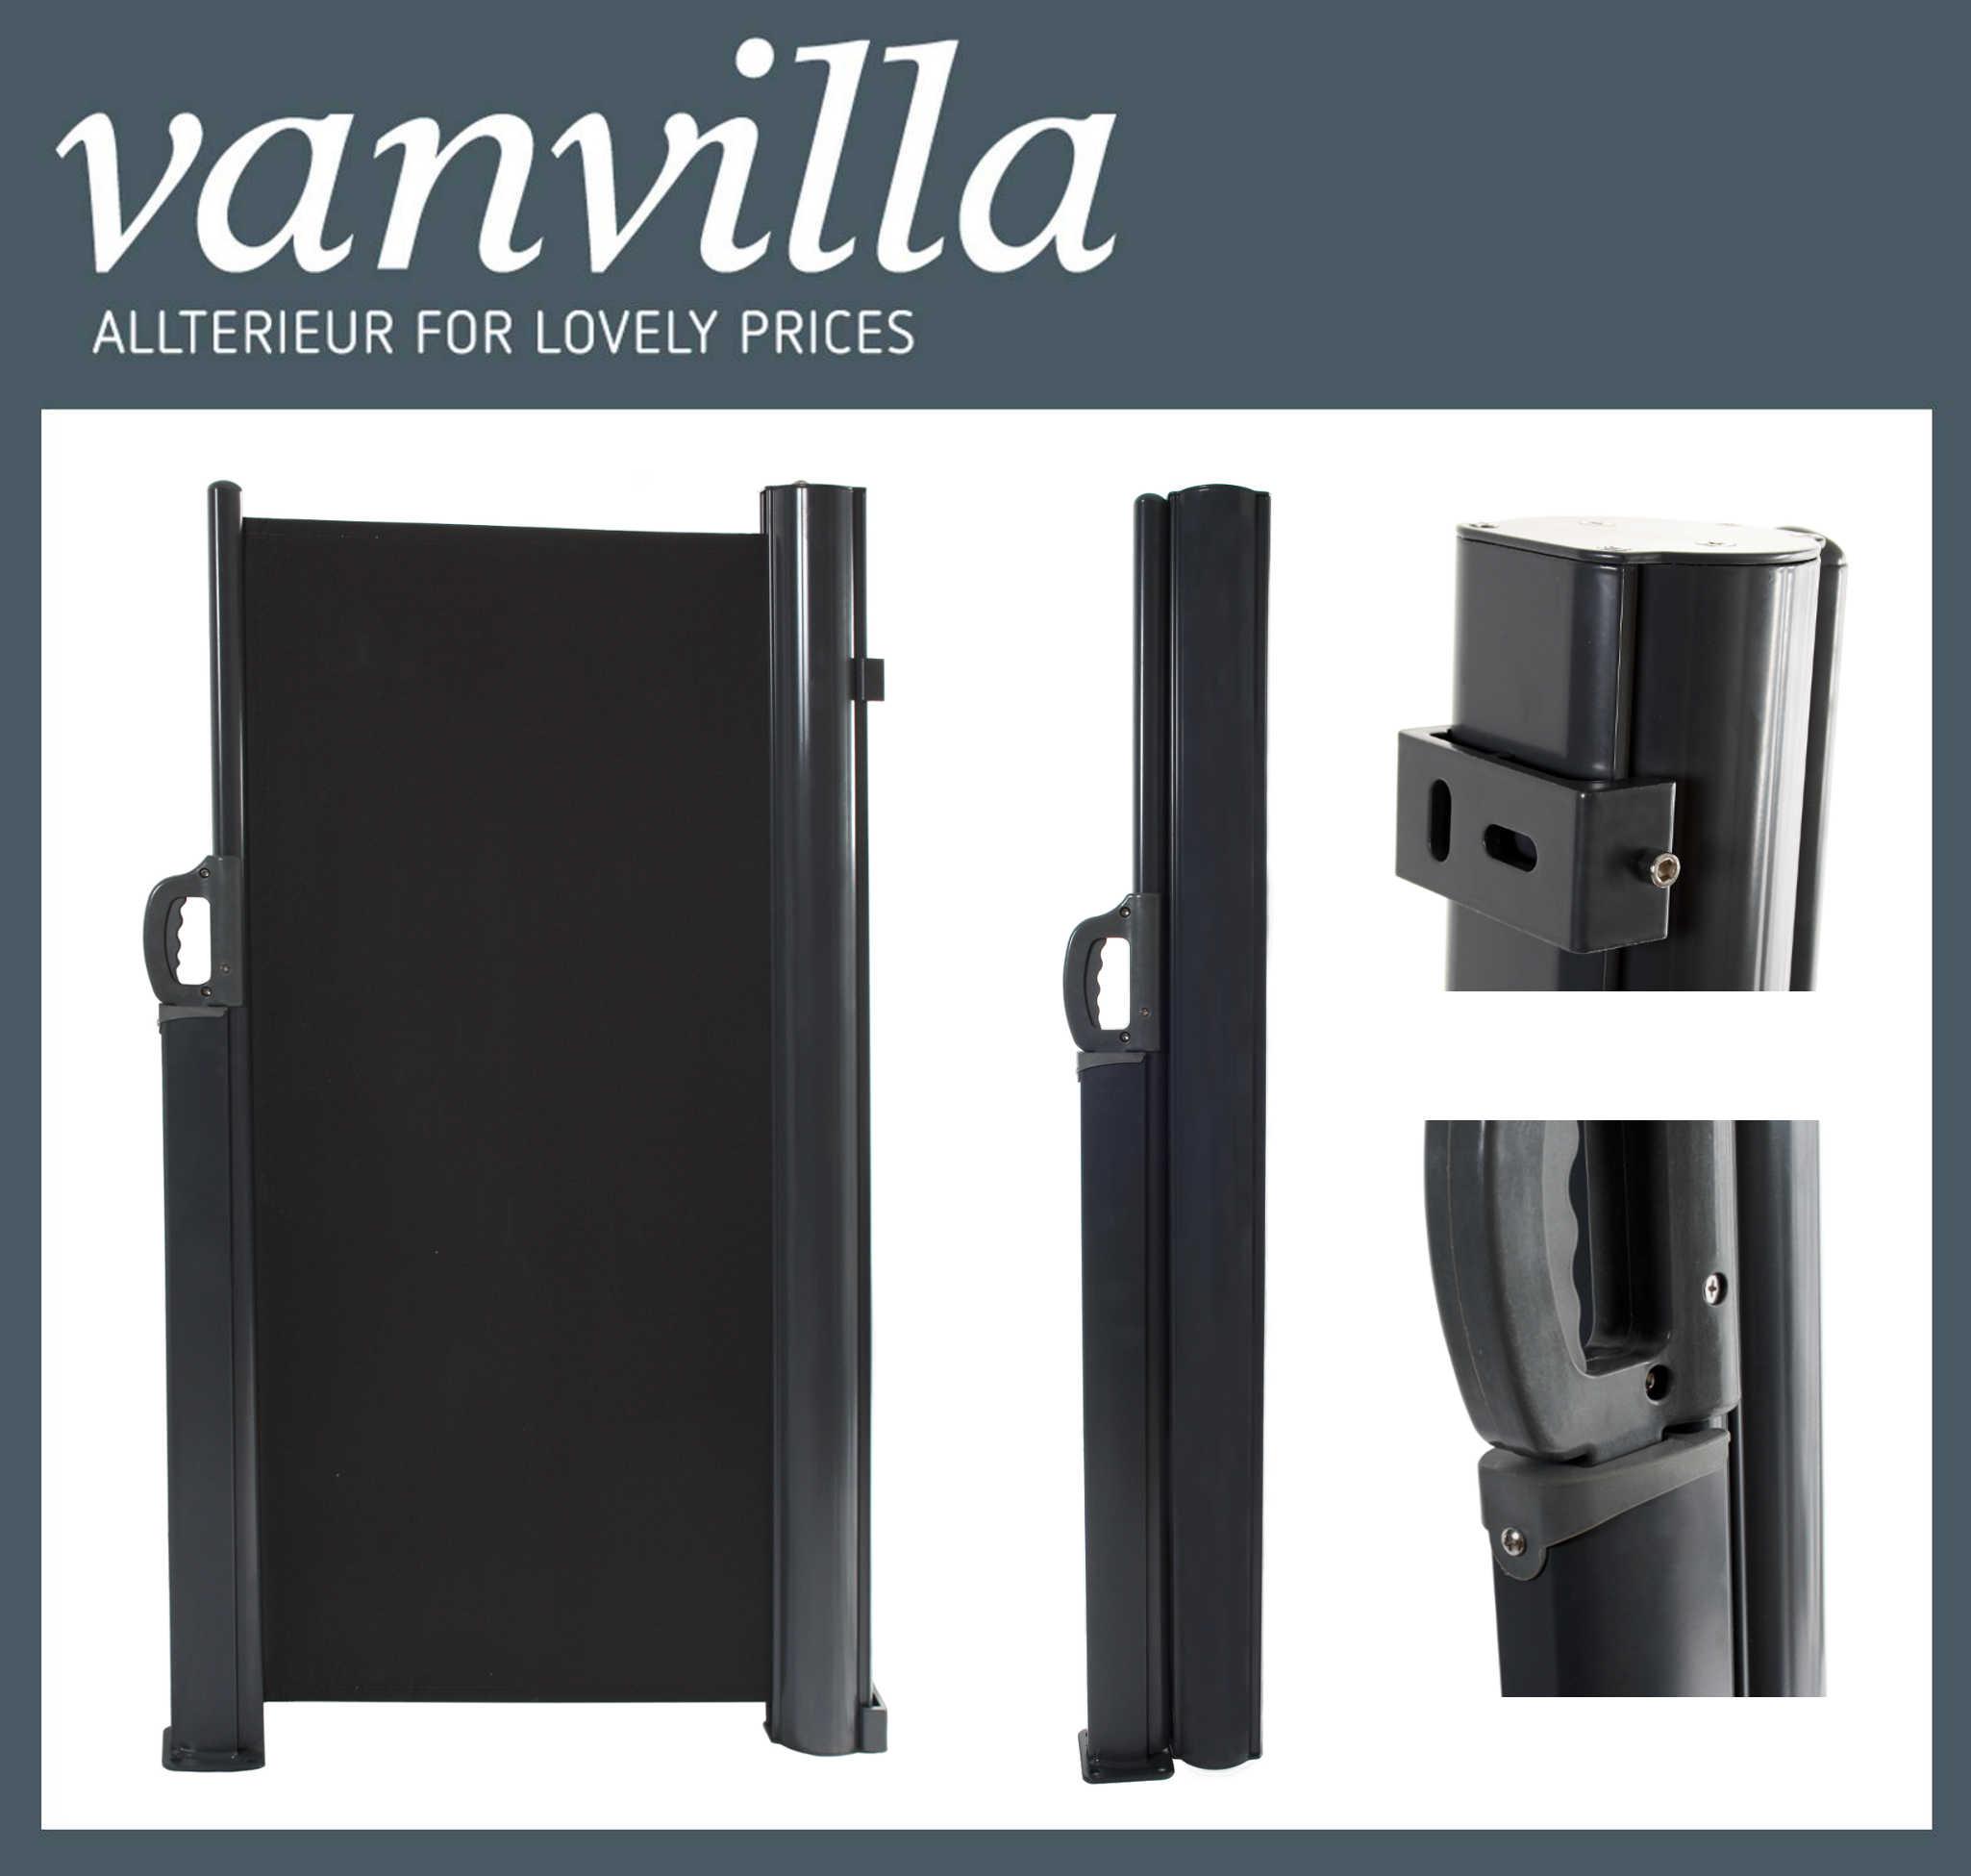 Vanvilla Seitenmarkise 200cm X 300cm Anthrazitgrau Ral 7016